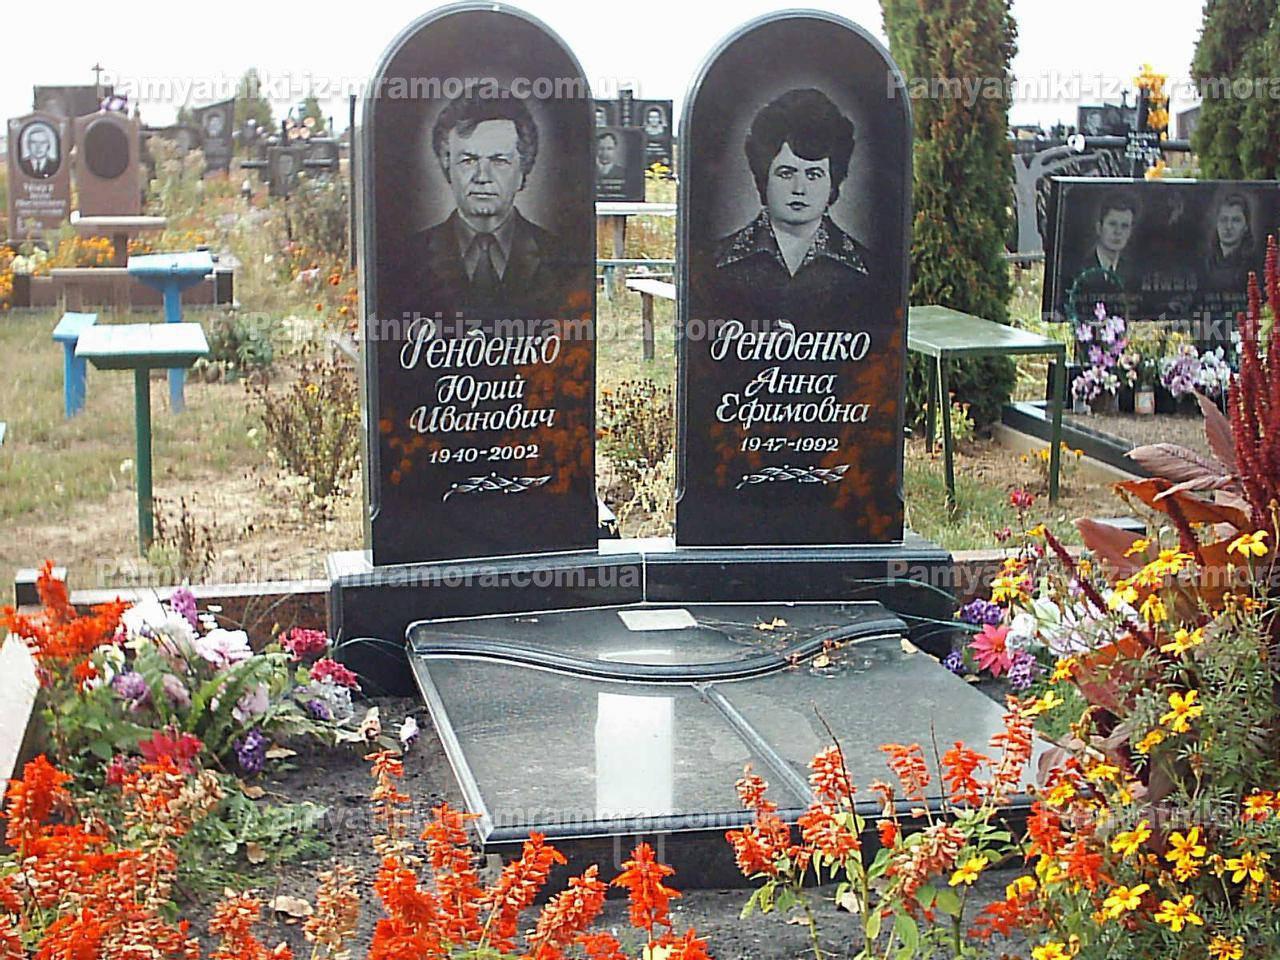 Памятник  для двоих из гранита  № 51